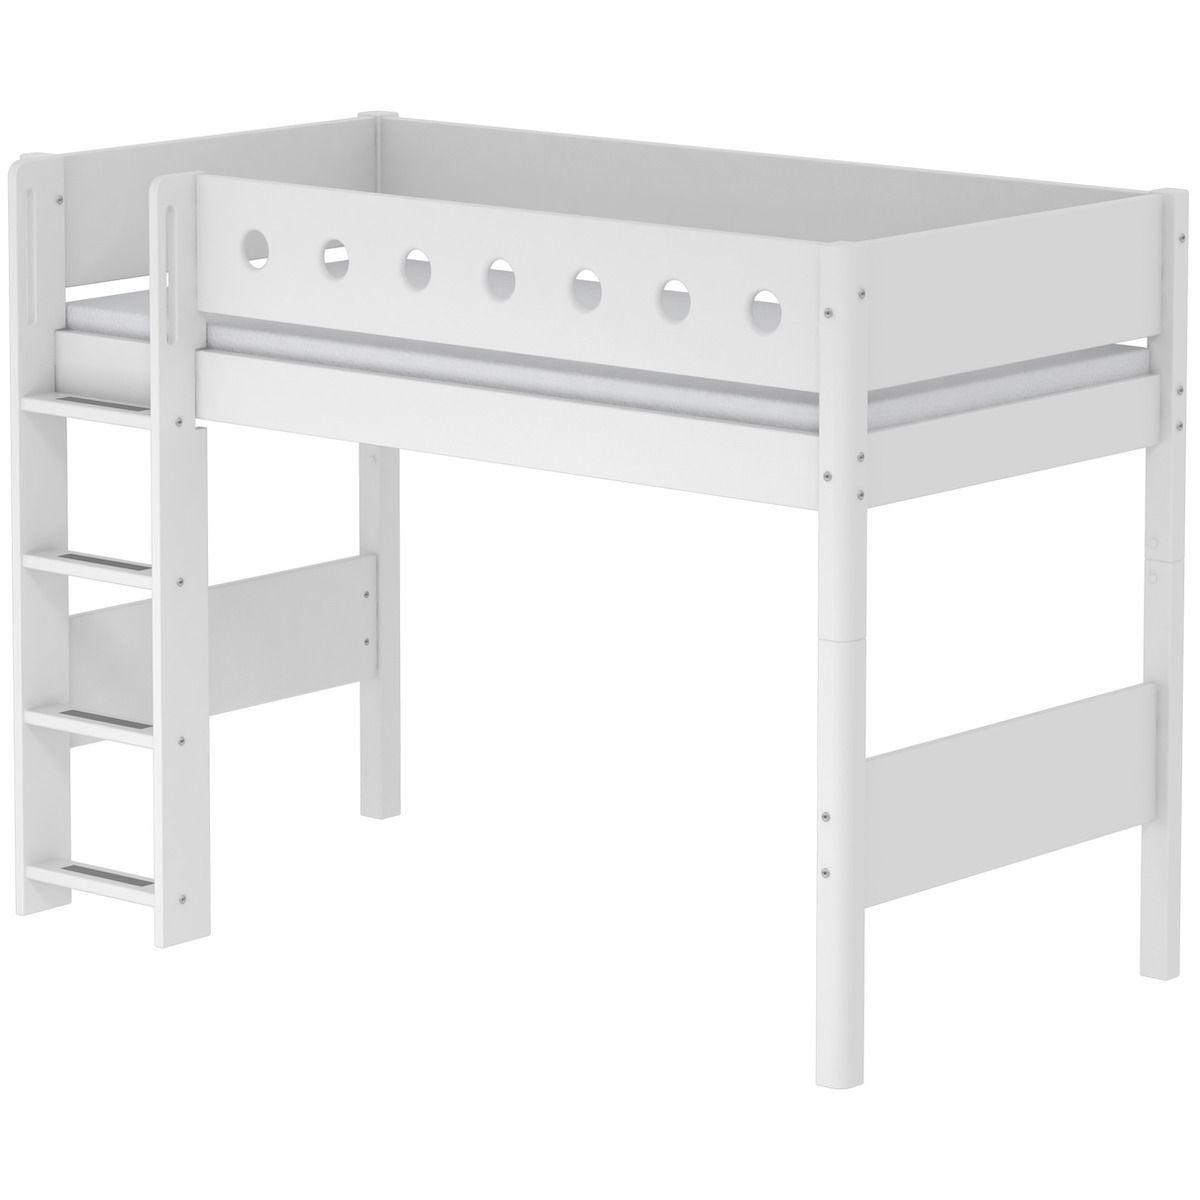 Halbhohes Bett 90x190 gerade Leiter WHITE Flexa weiß-weiß